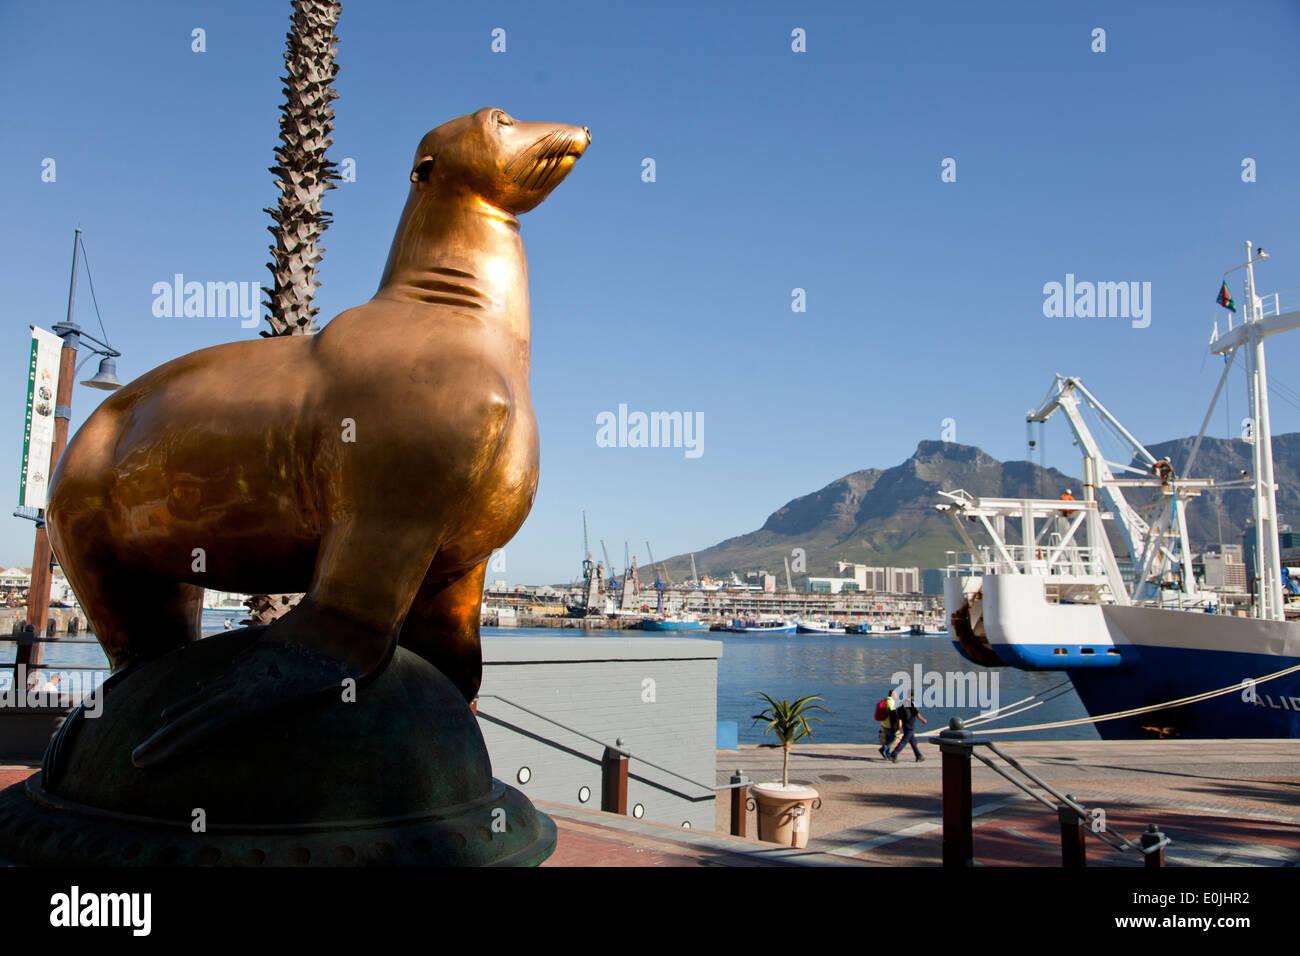 Estatua de Oscar la junta fuera del hotel Table Bay, Victoria & Alfred Waterfront, Ciudad del Cabo, Western Cape, Sudáfrica Imagen De Stock